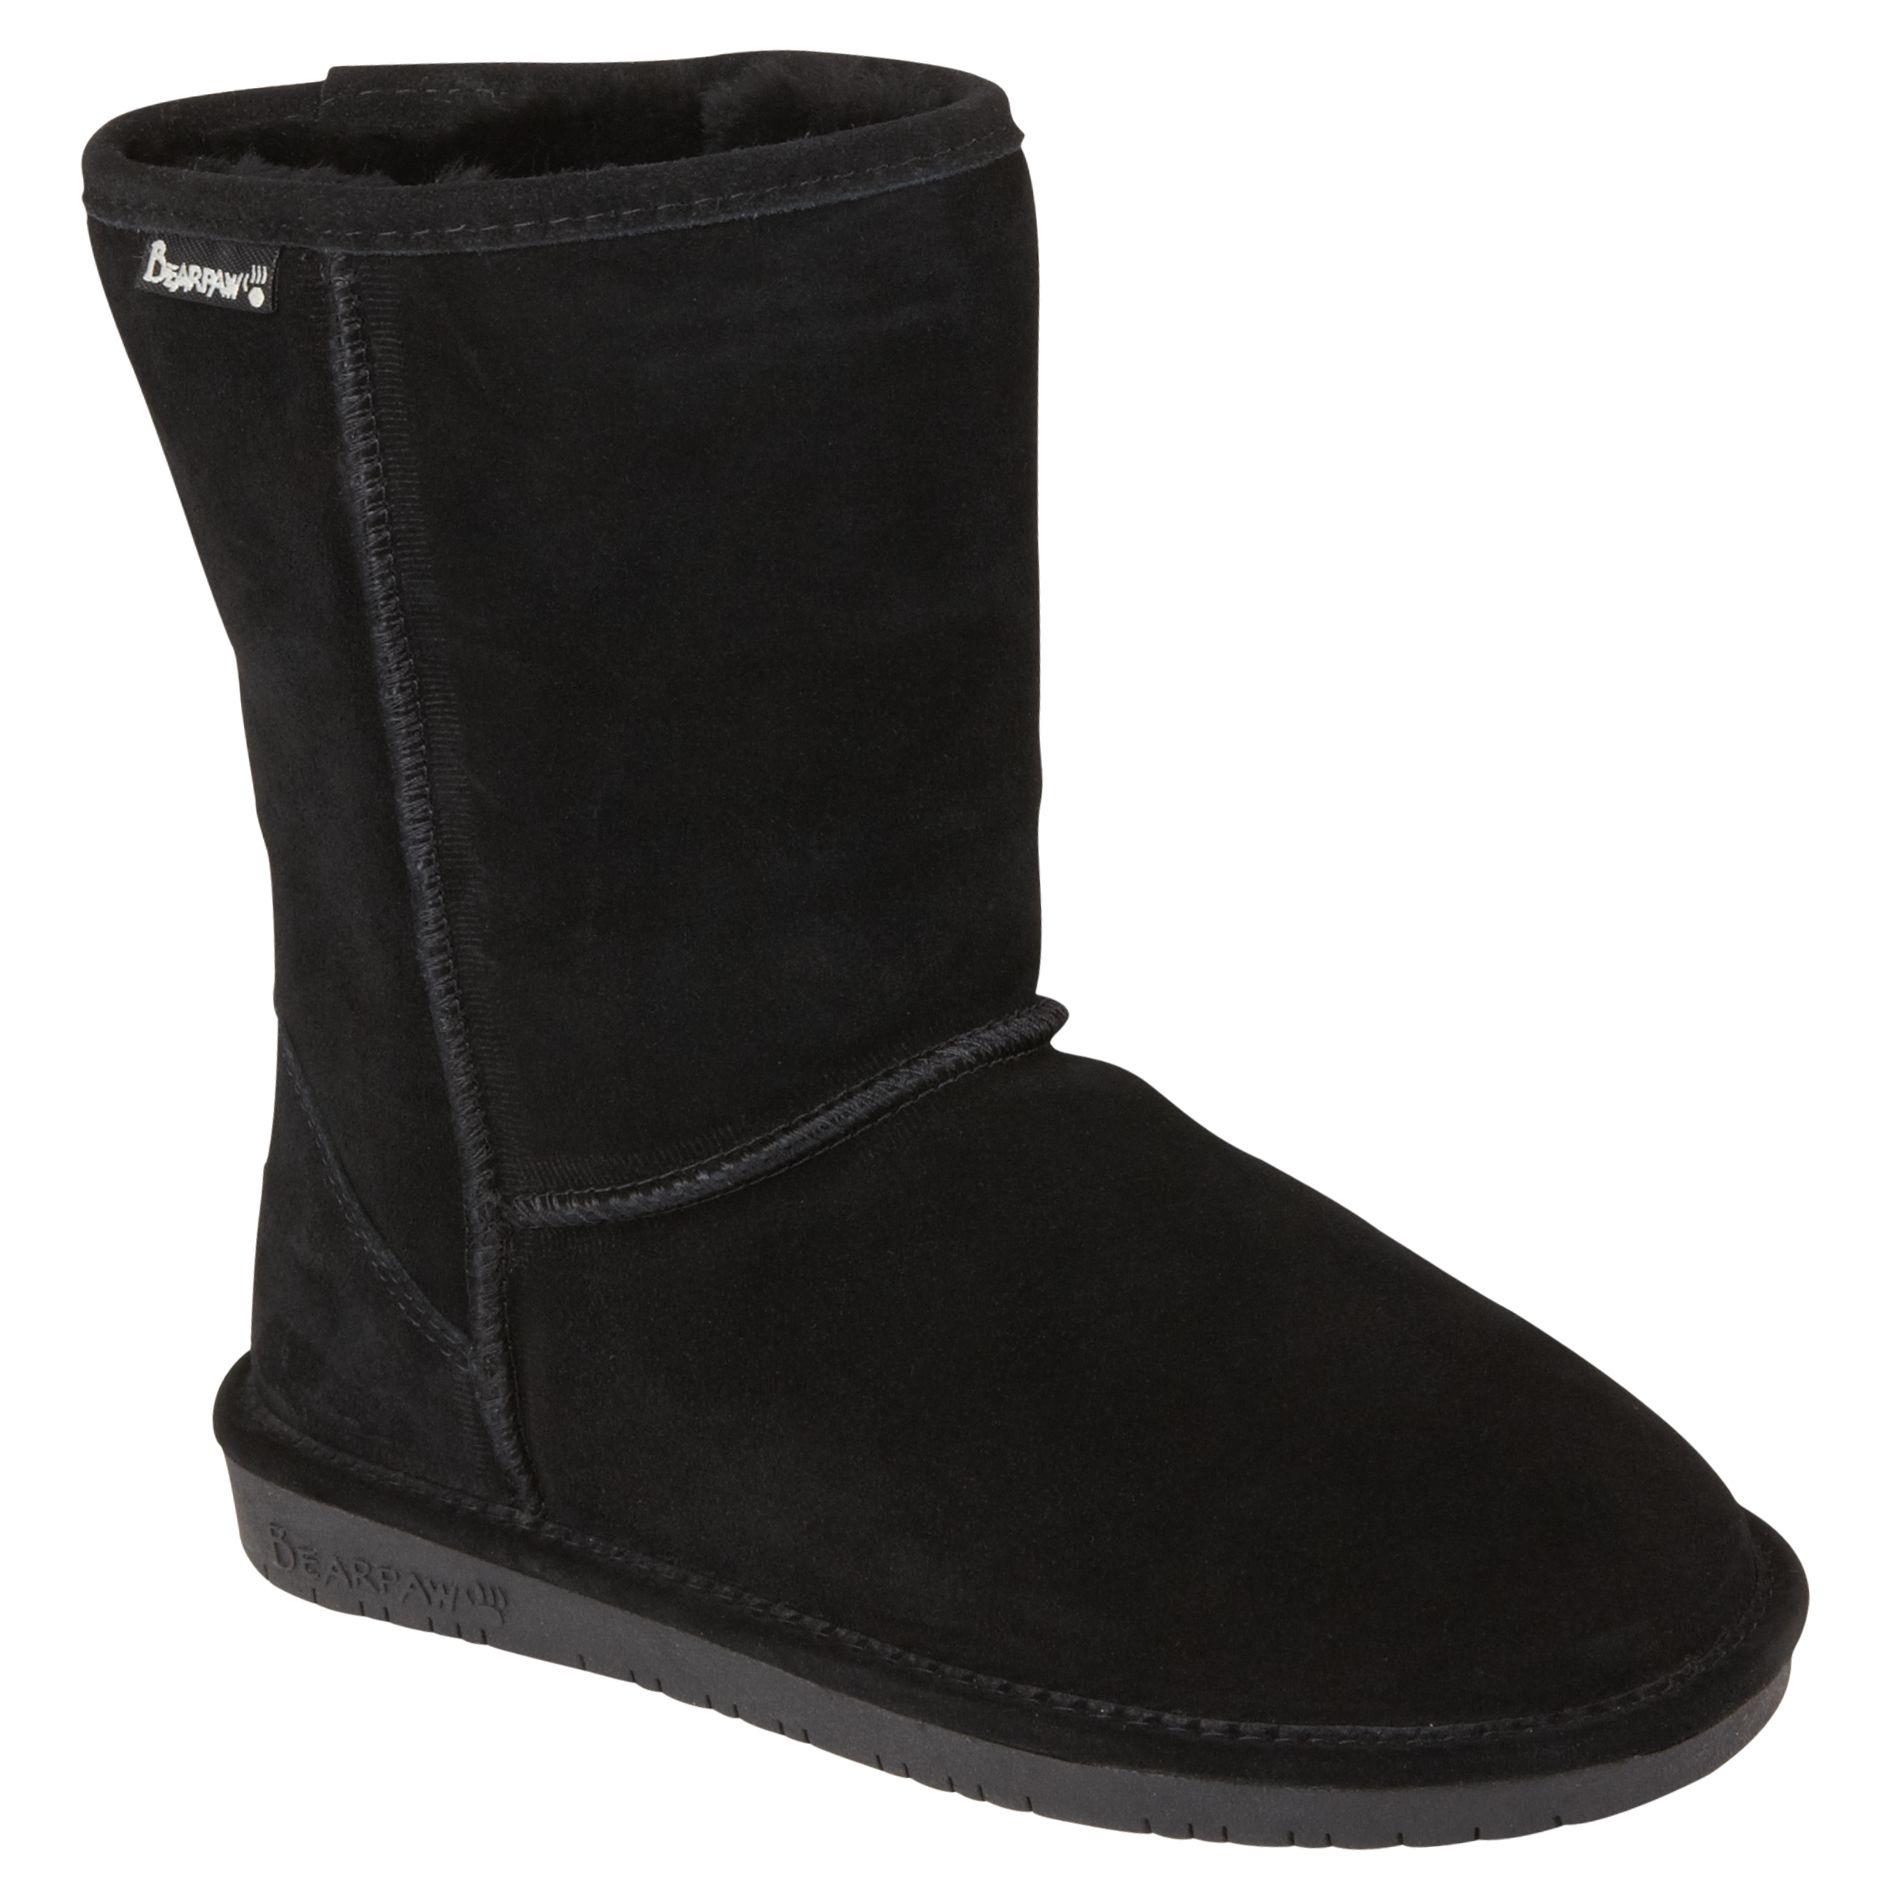 Bearpaw Women' Emma Boot - Black